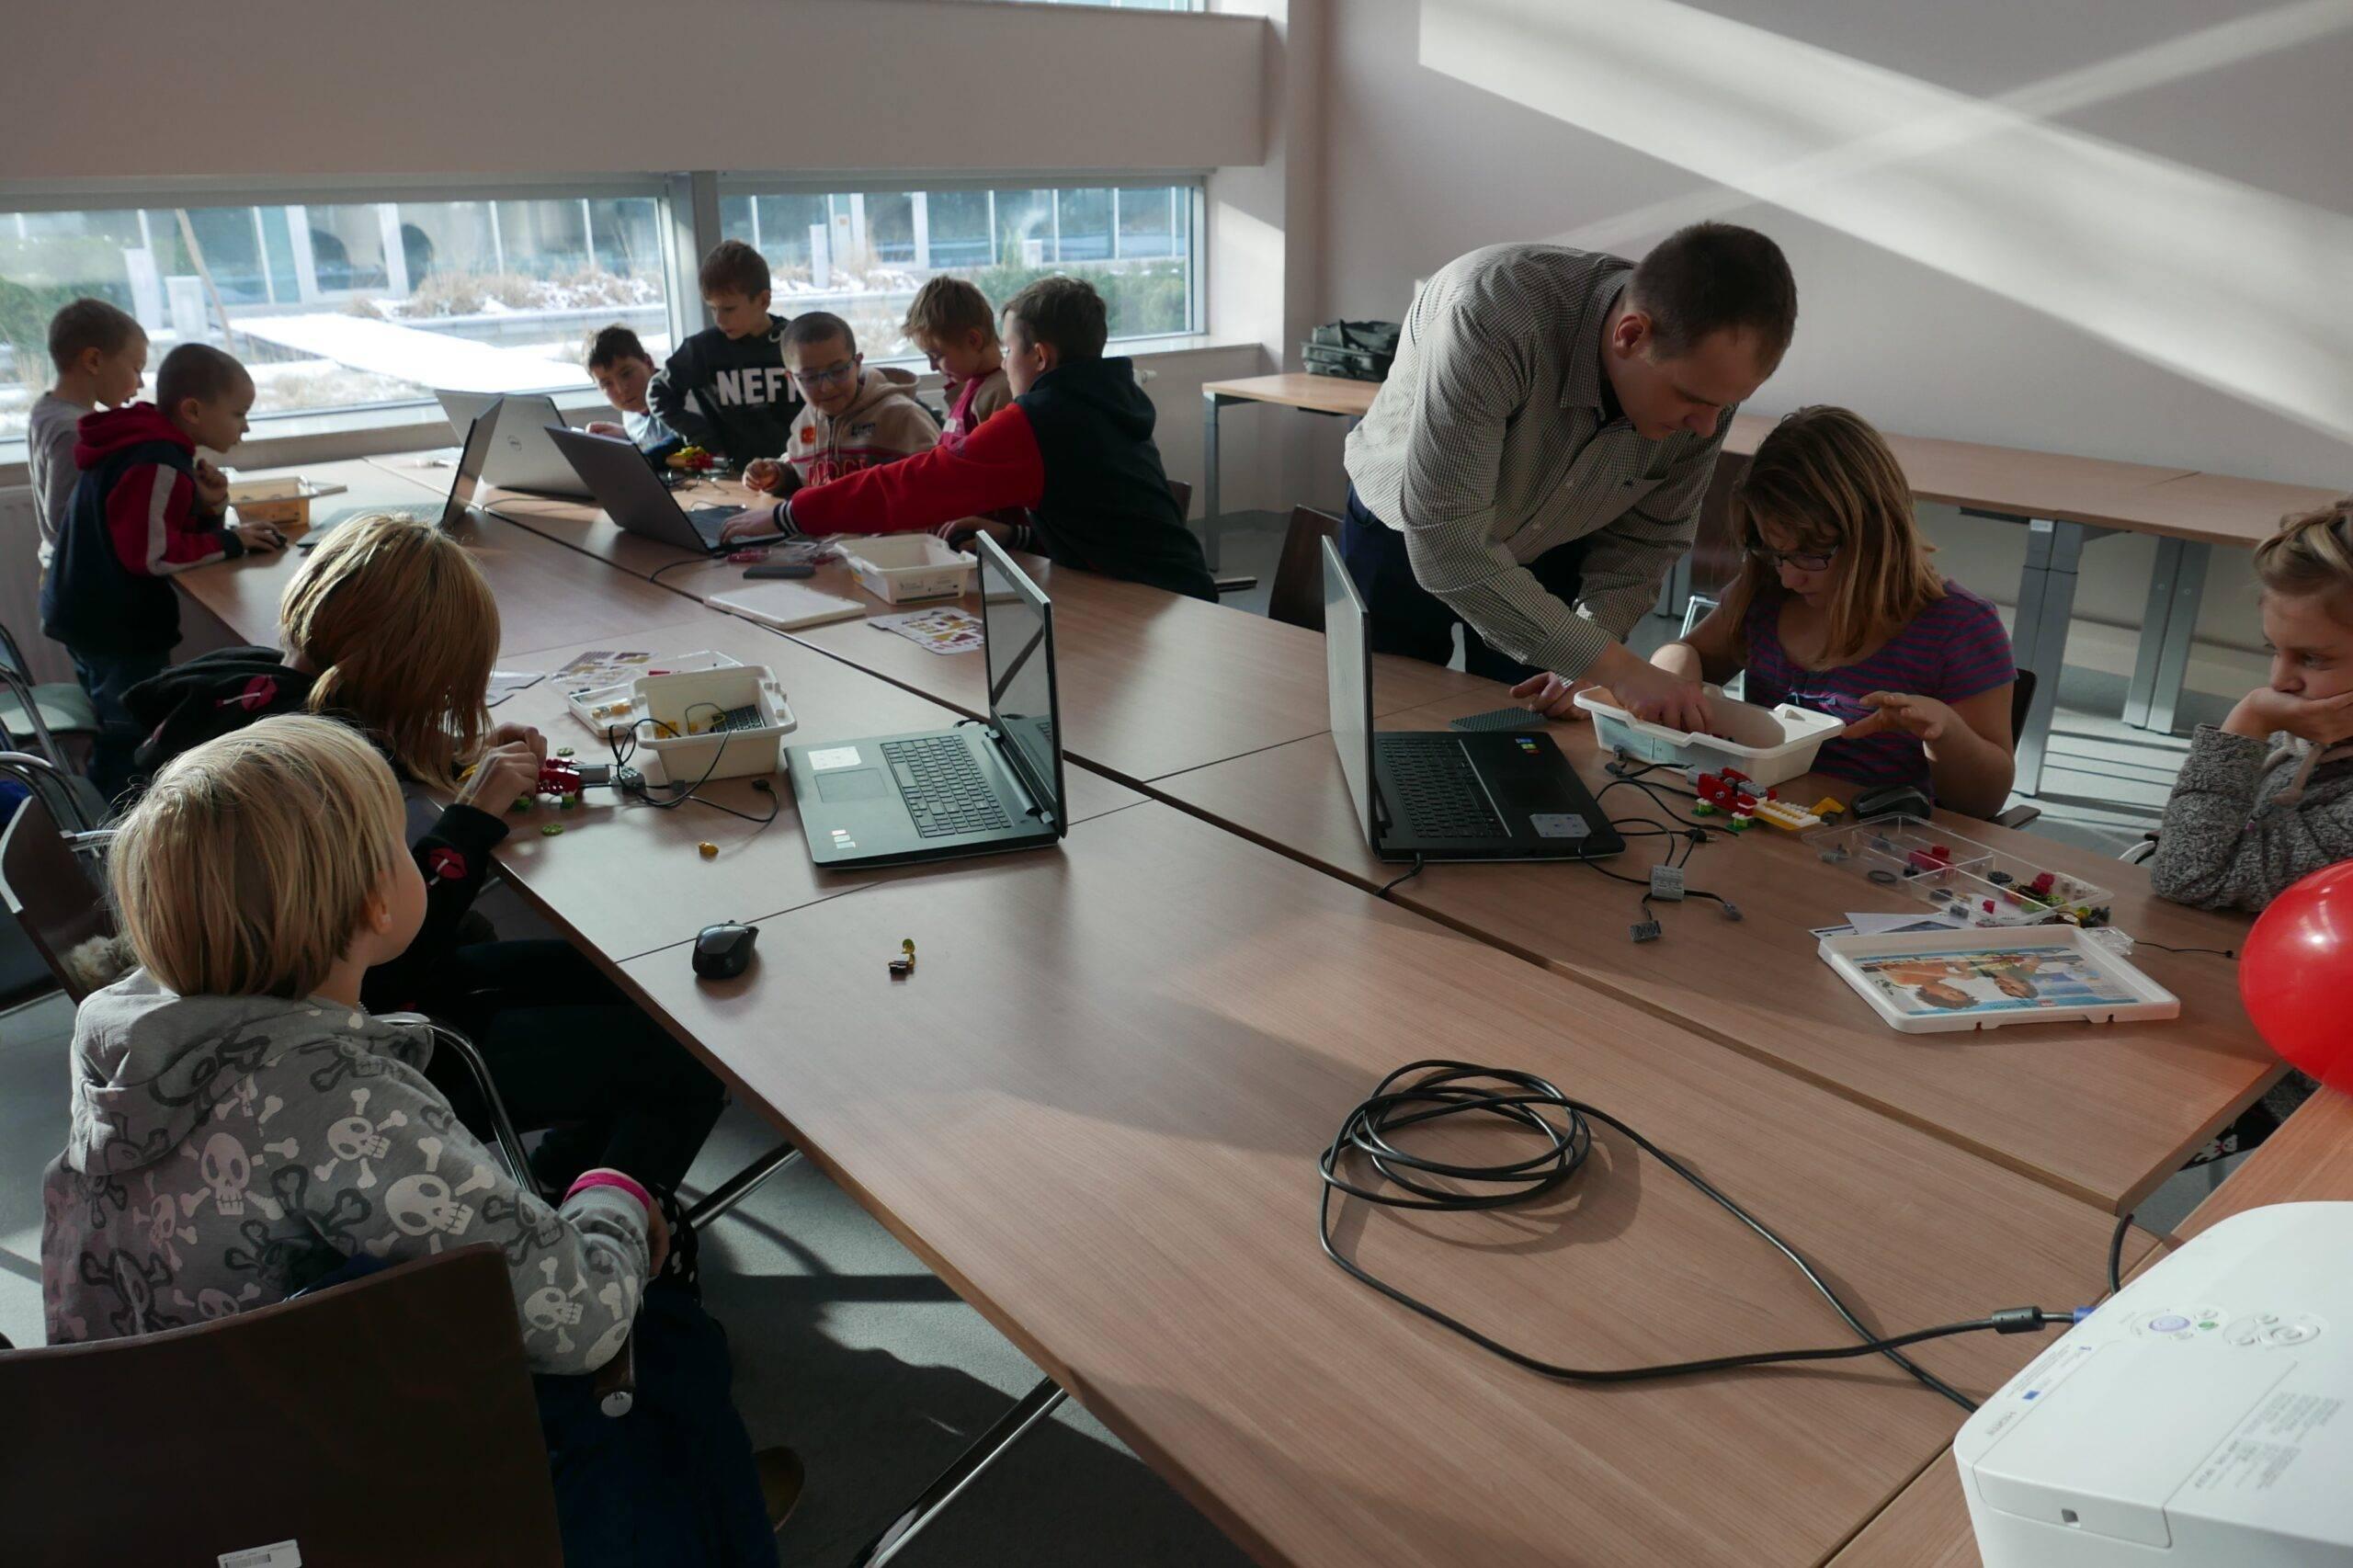 Uniwersytet Dziecięcy - Zajęcia z programowania